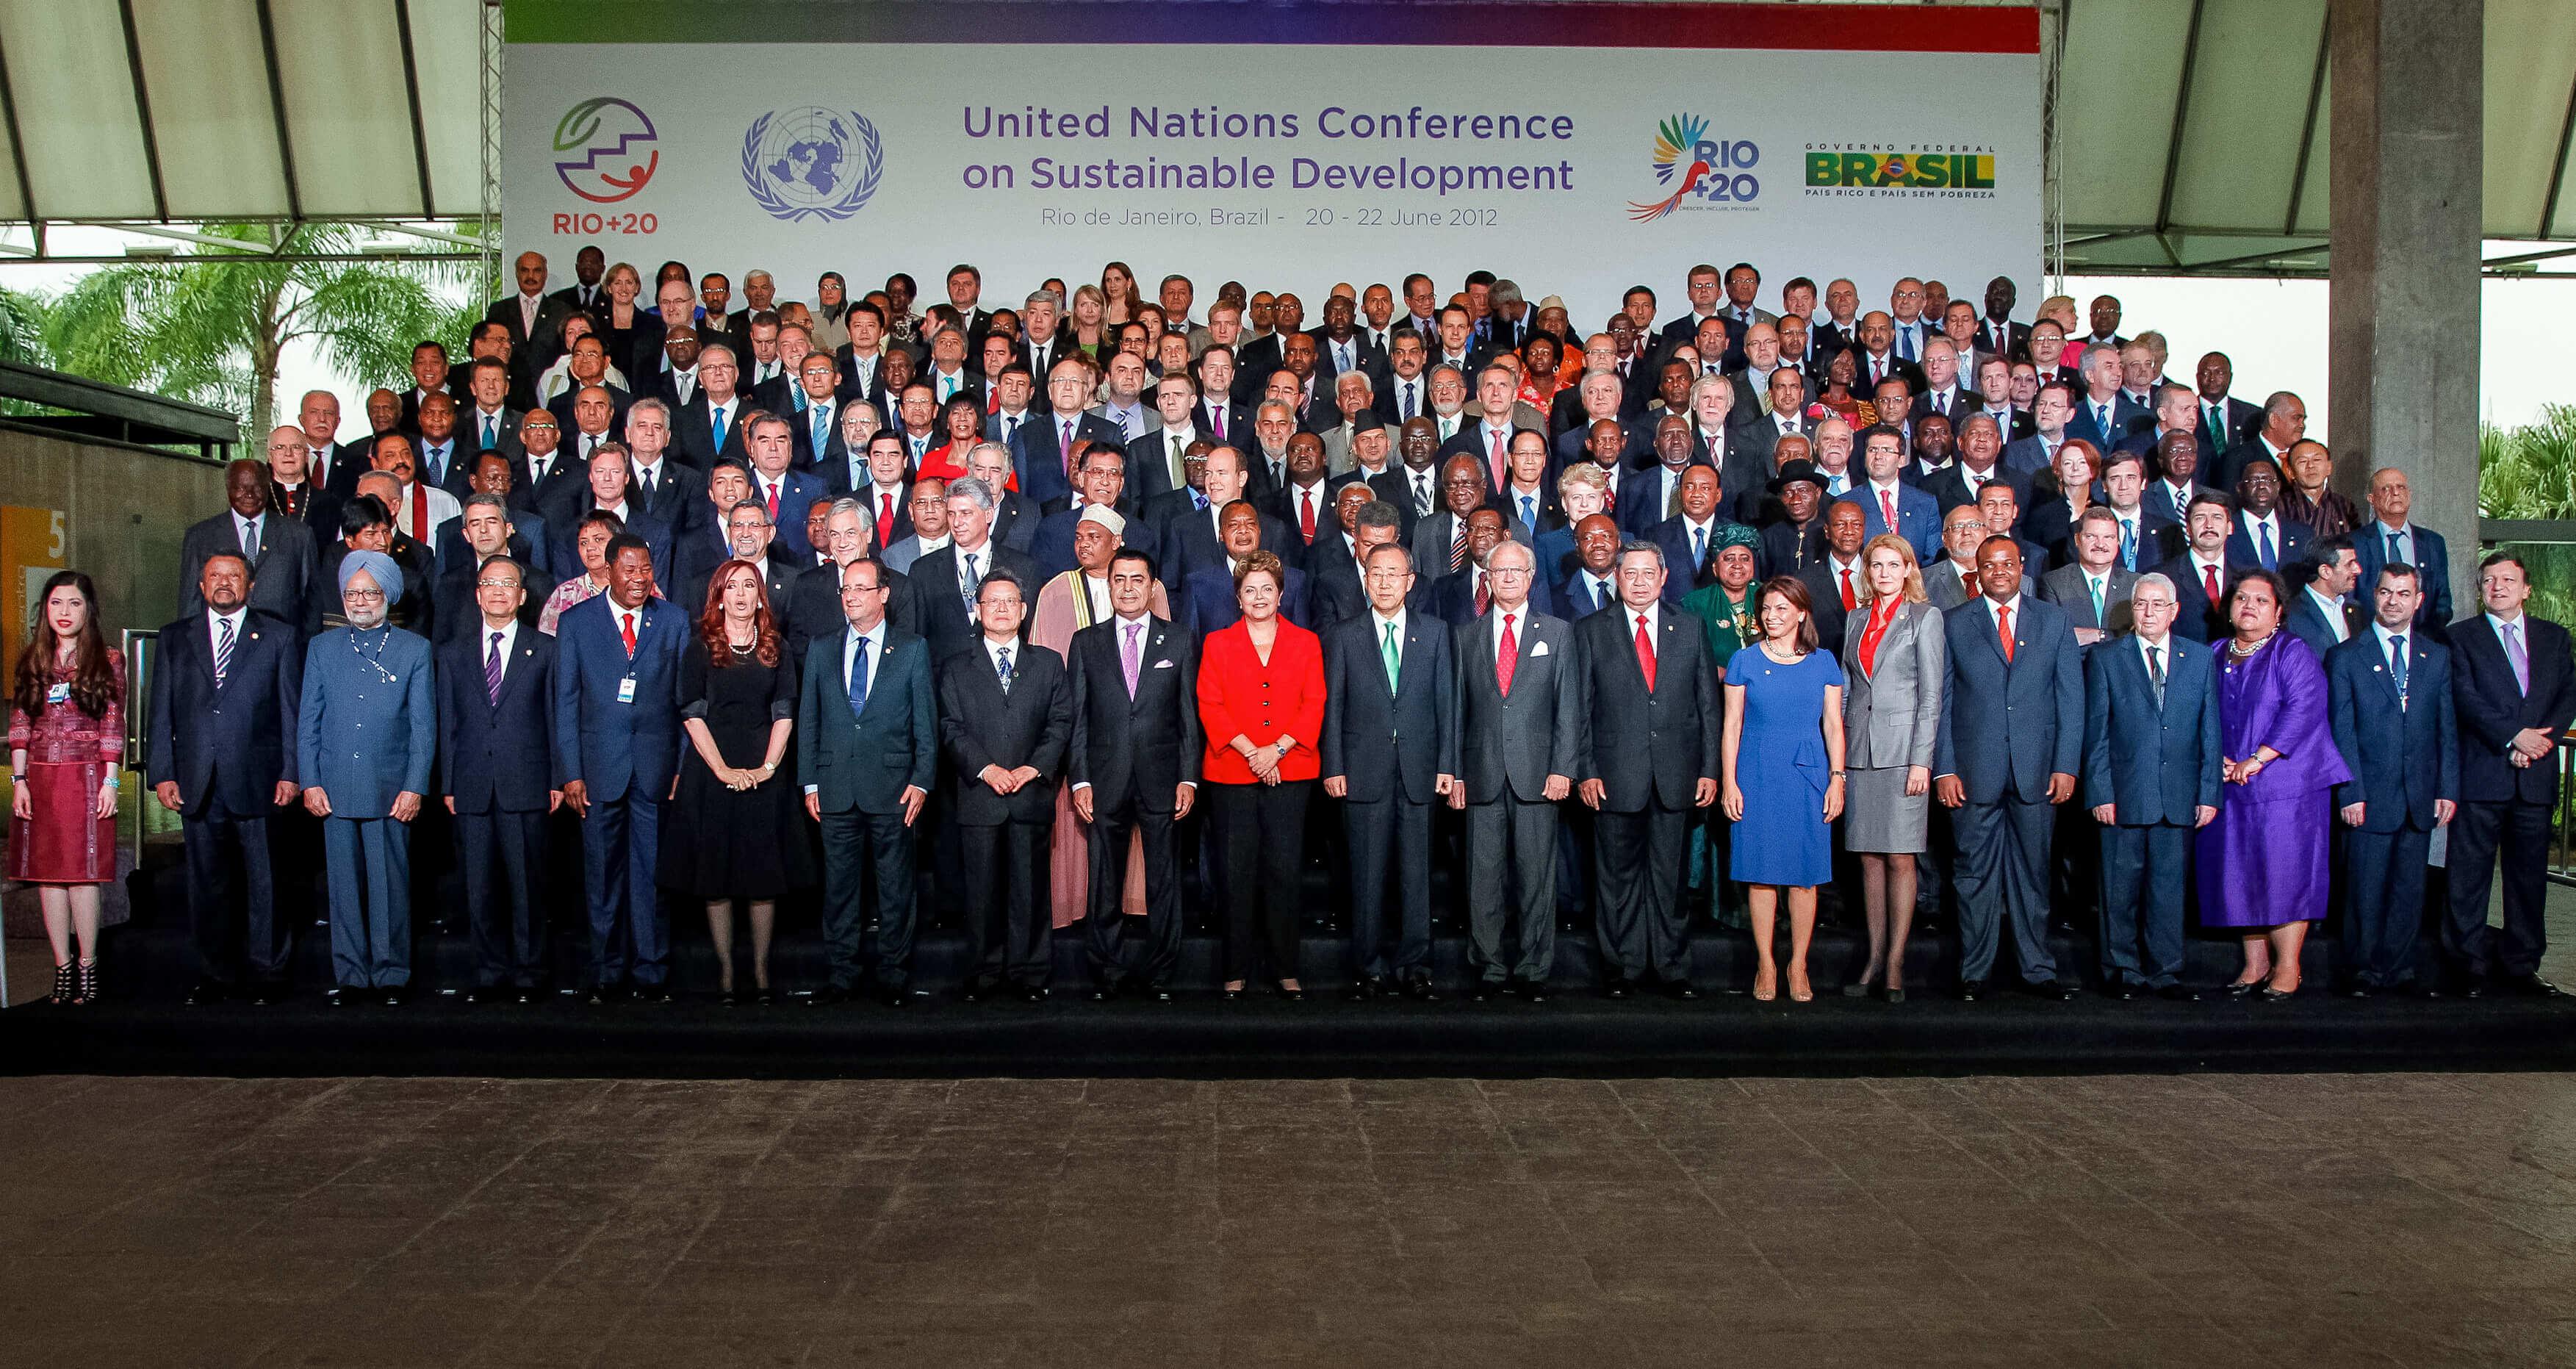 Sur l'image, des dirigeants mondiaux posant devant le panel Rio + 20. Contenu sur les objectifs de développement durable.